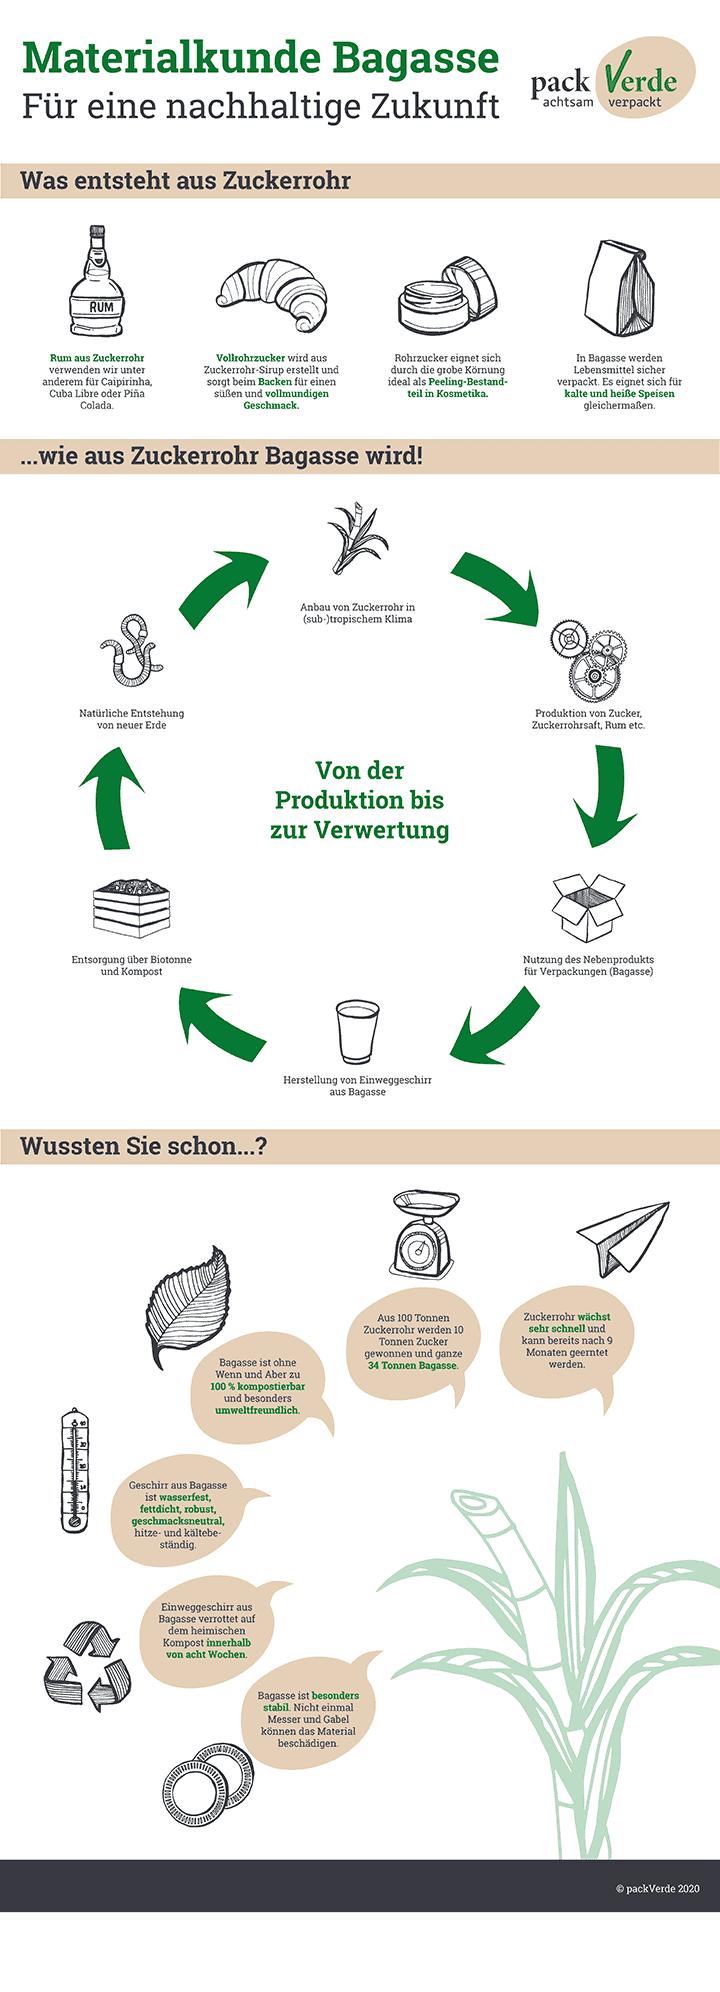 Vom Zuckerrohr zur Salatschale - Die Bagasse-Infografik von packVerde